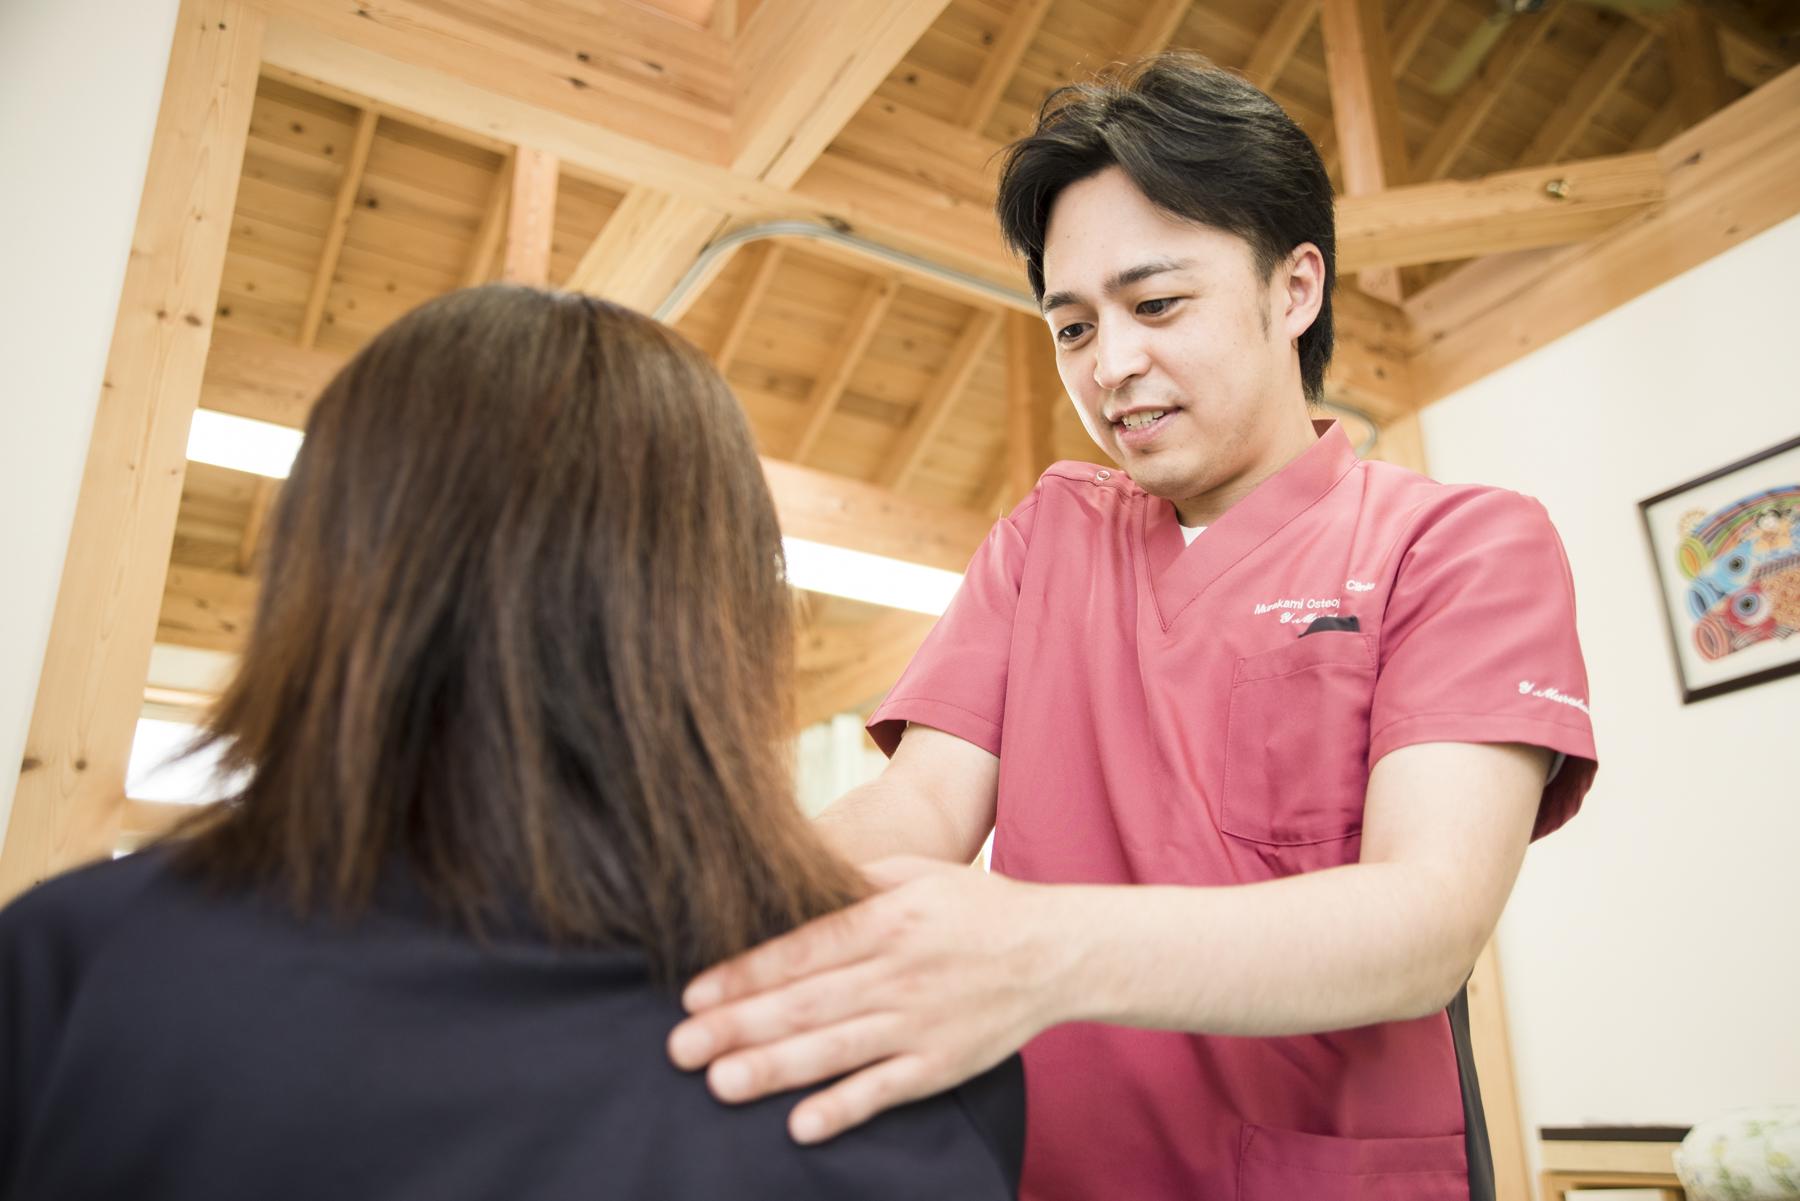 仙台のホームページ制作会社|株式会社MIRAIZU